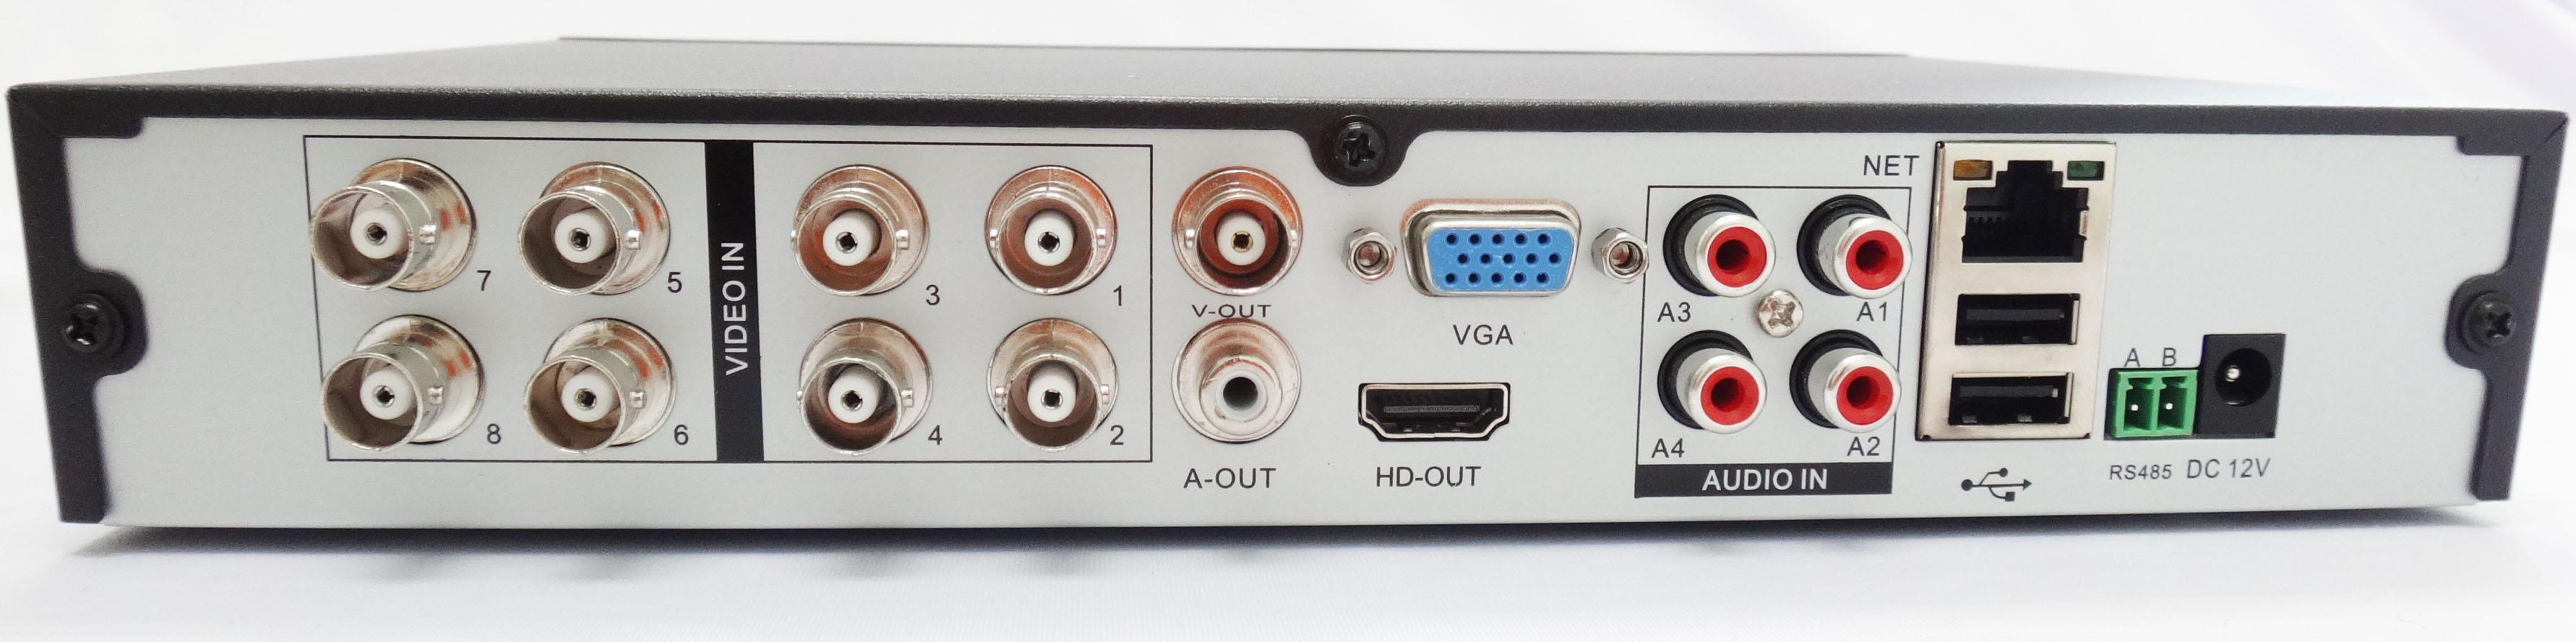 DVR SENC 5.jpg